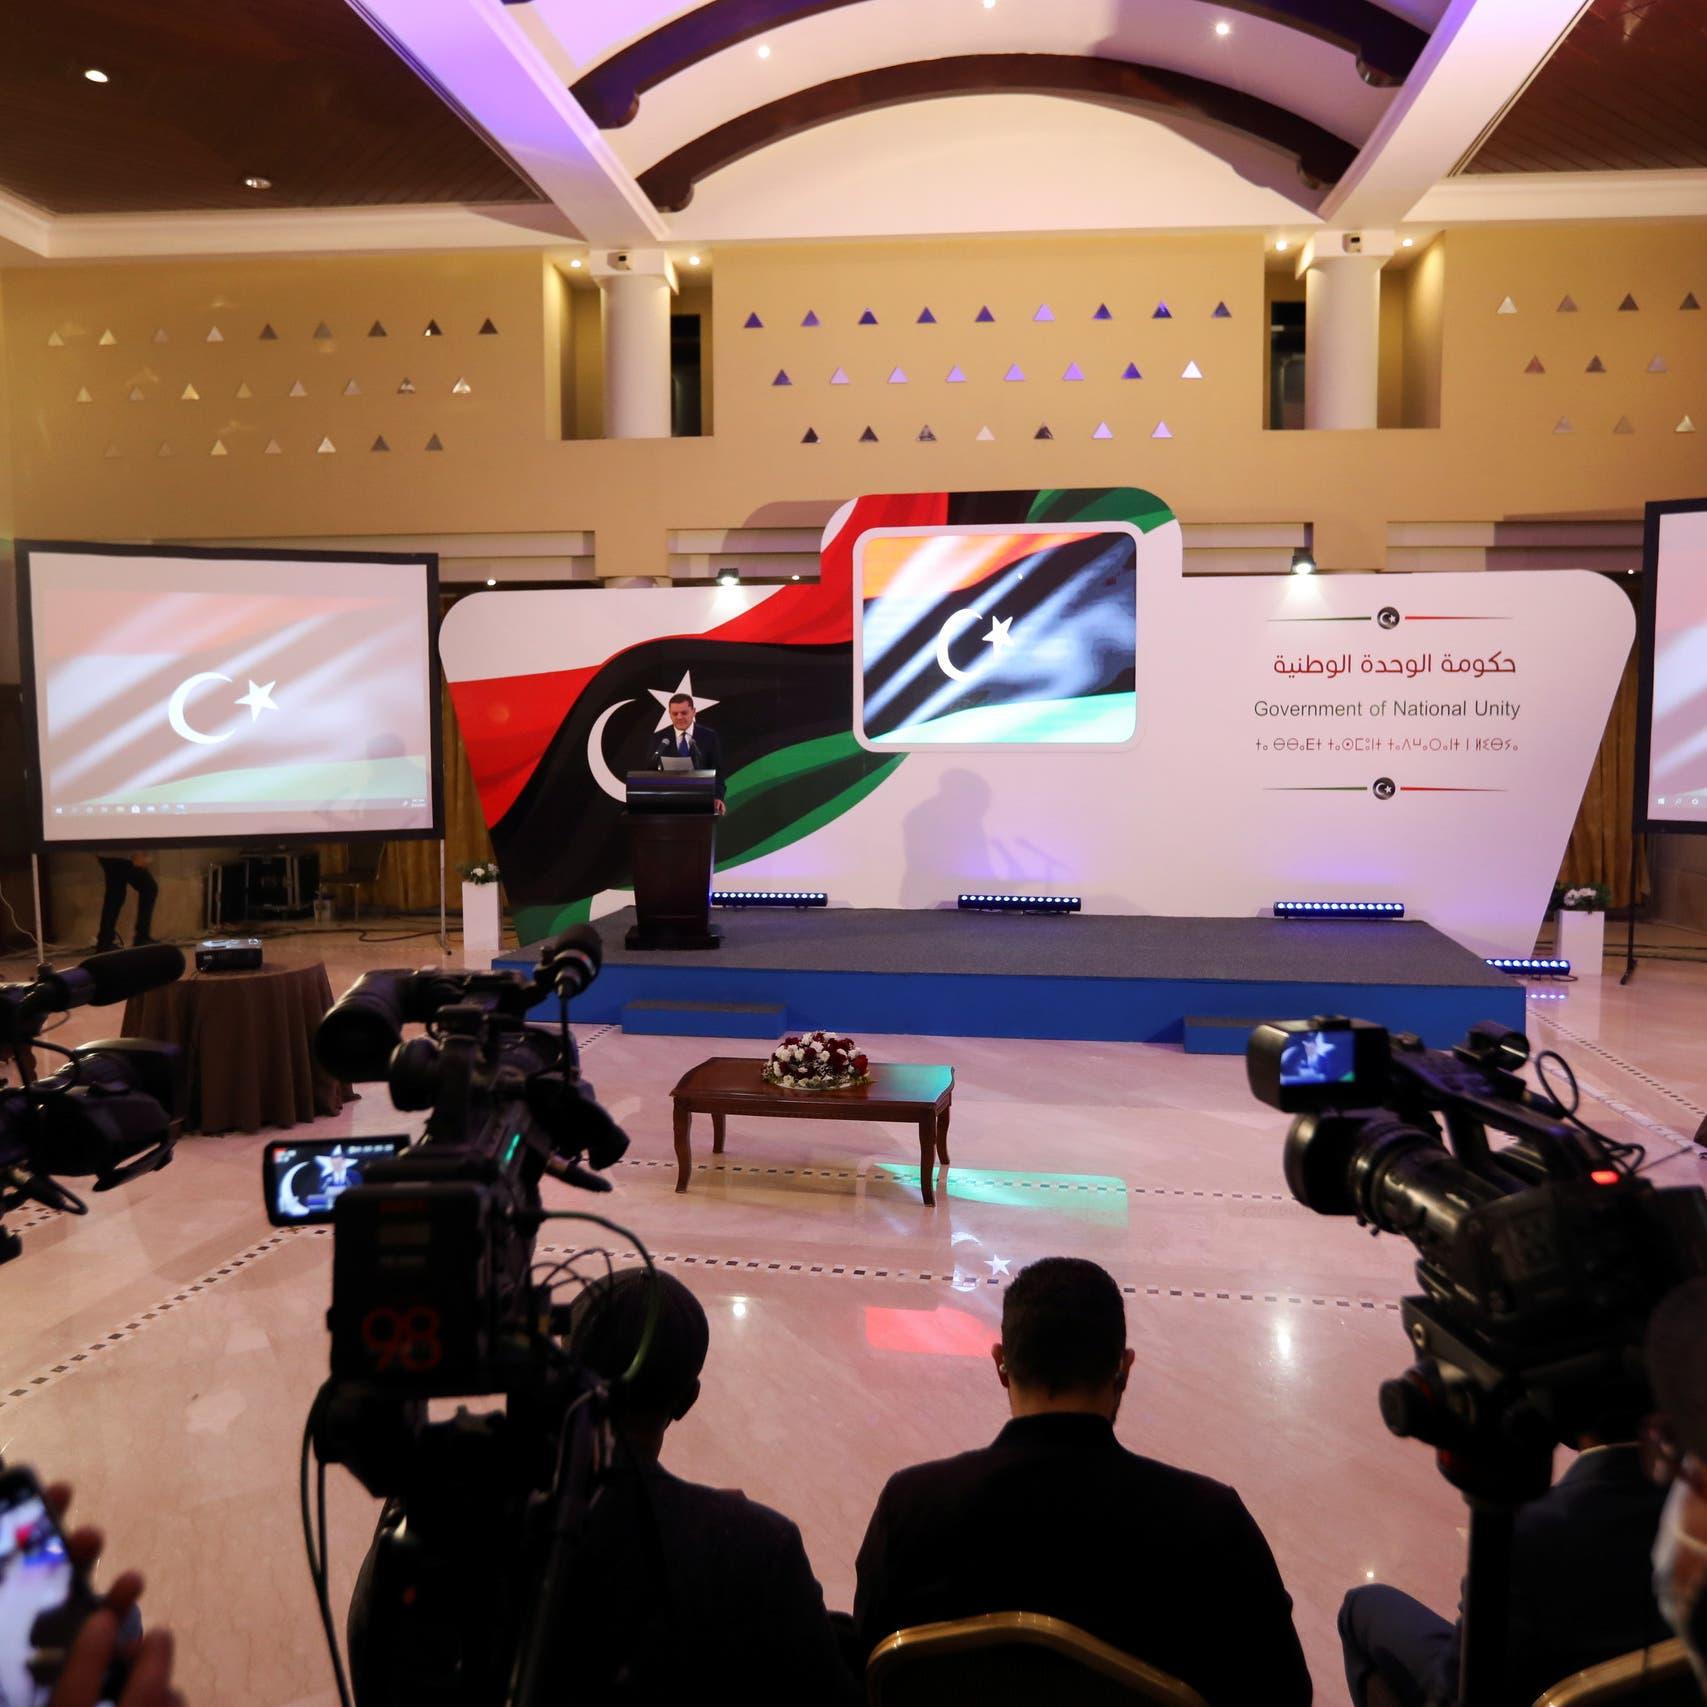 محاصصة وضغوطات.. لماذا تعثر تشكيل الحكومة في ليبيا؟